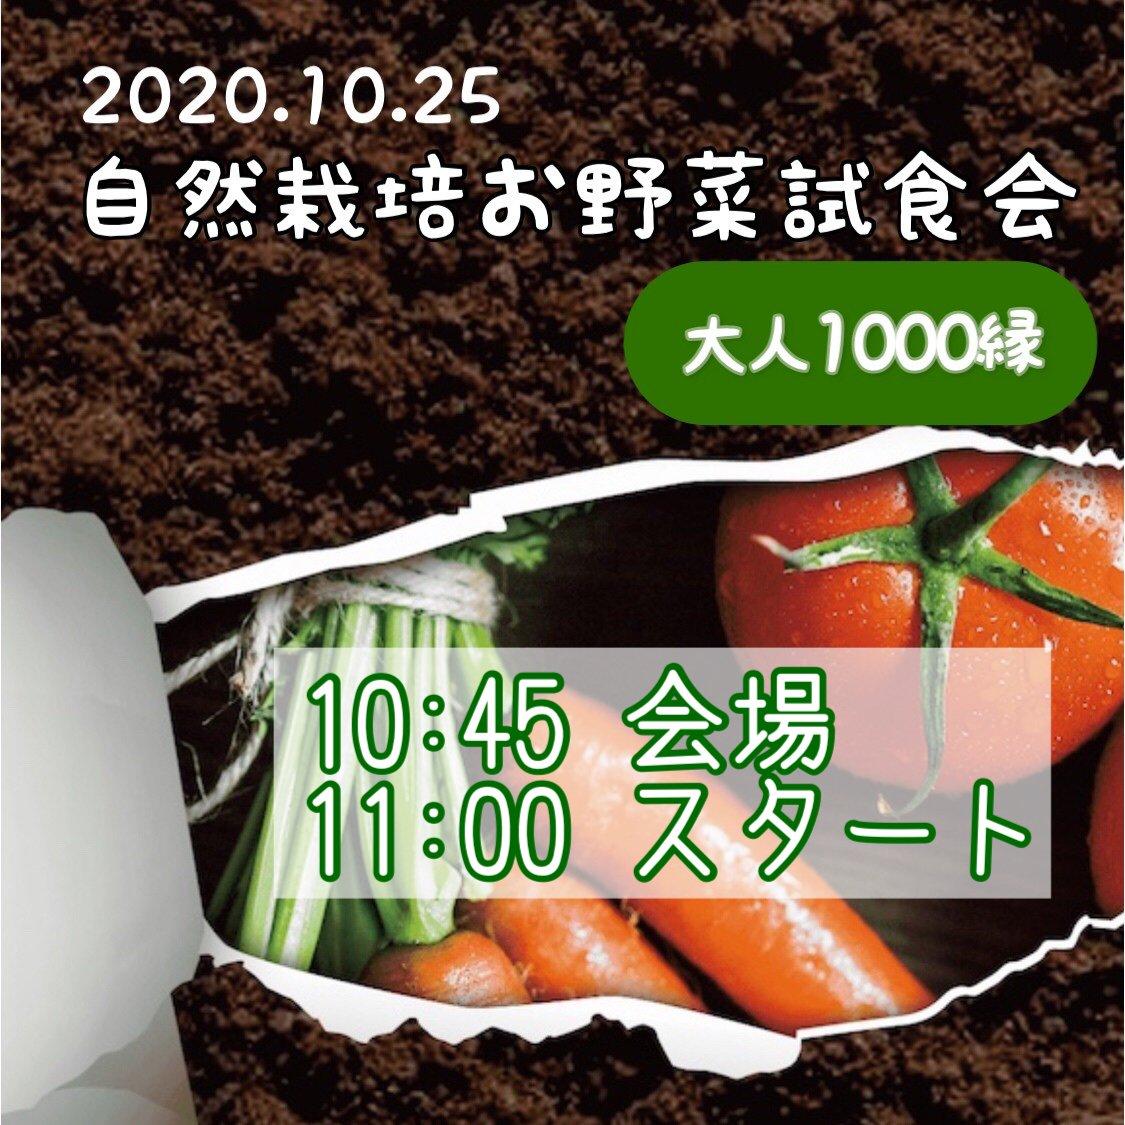 自然栽培お野菜試食会チケットのイメージその1